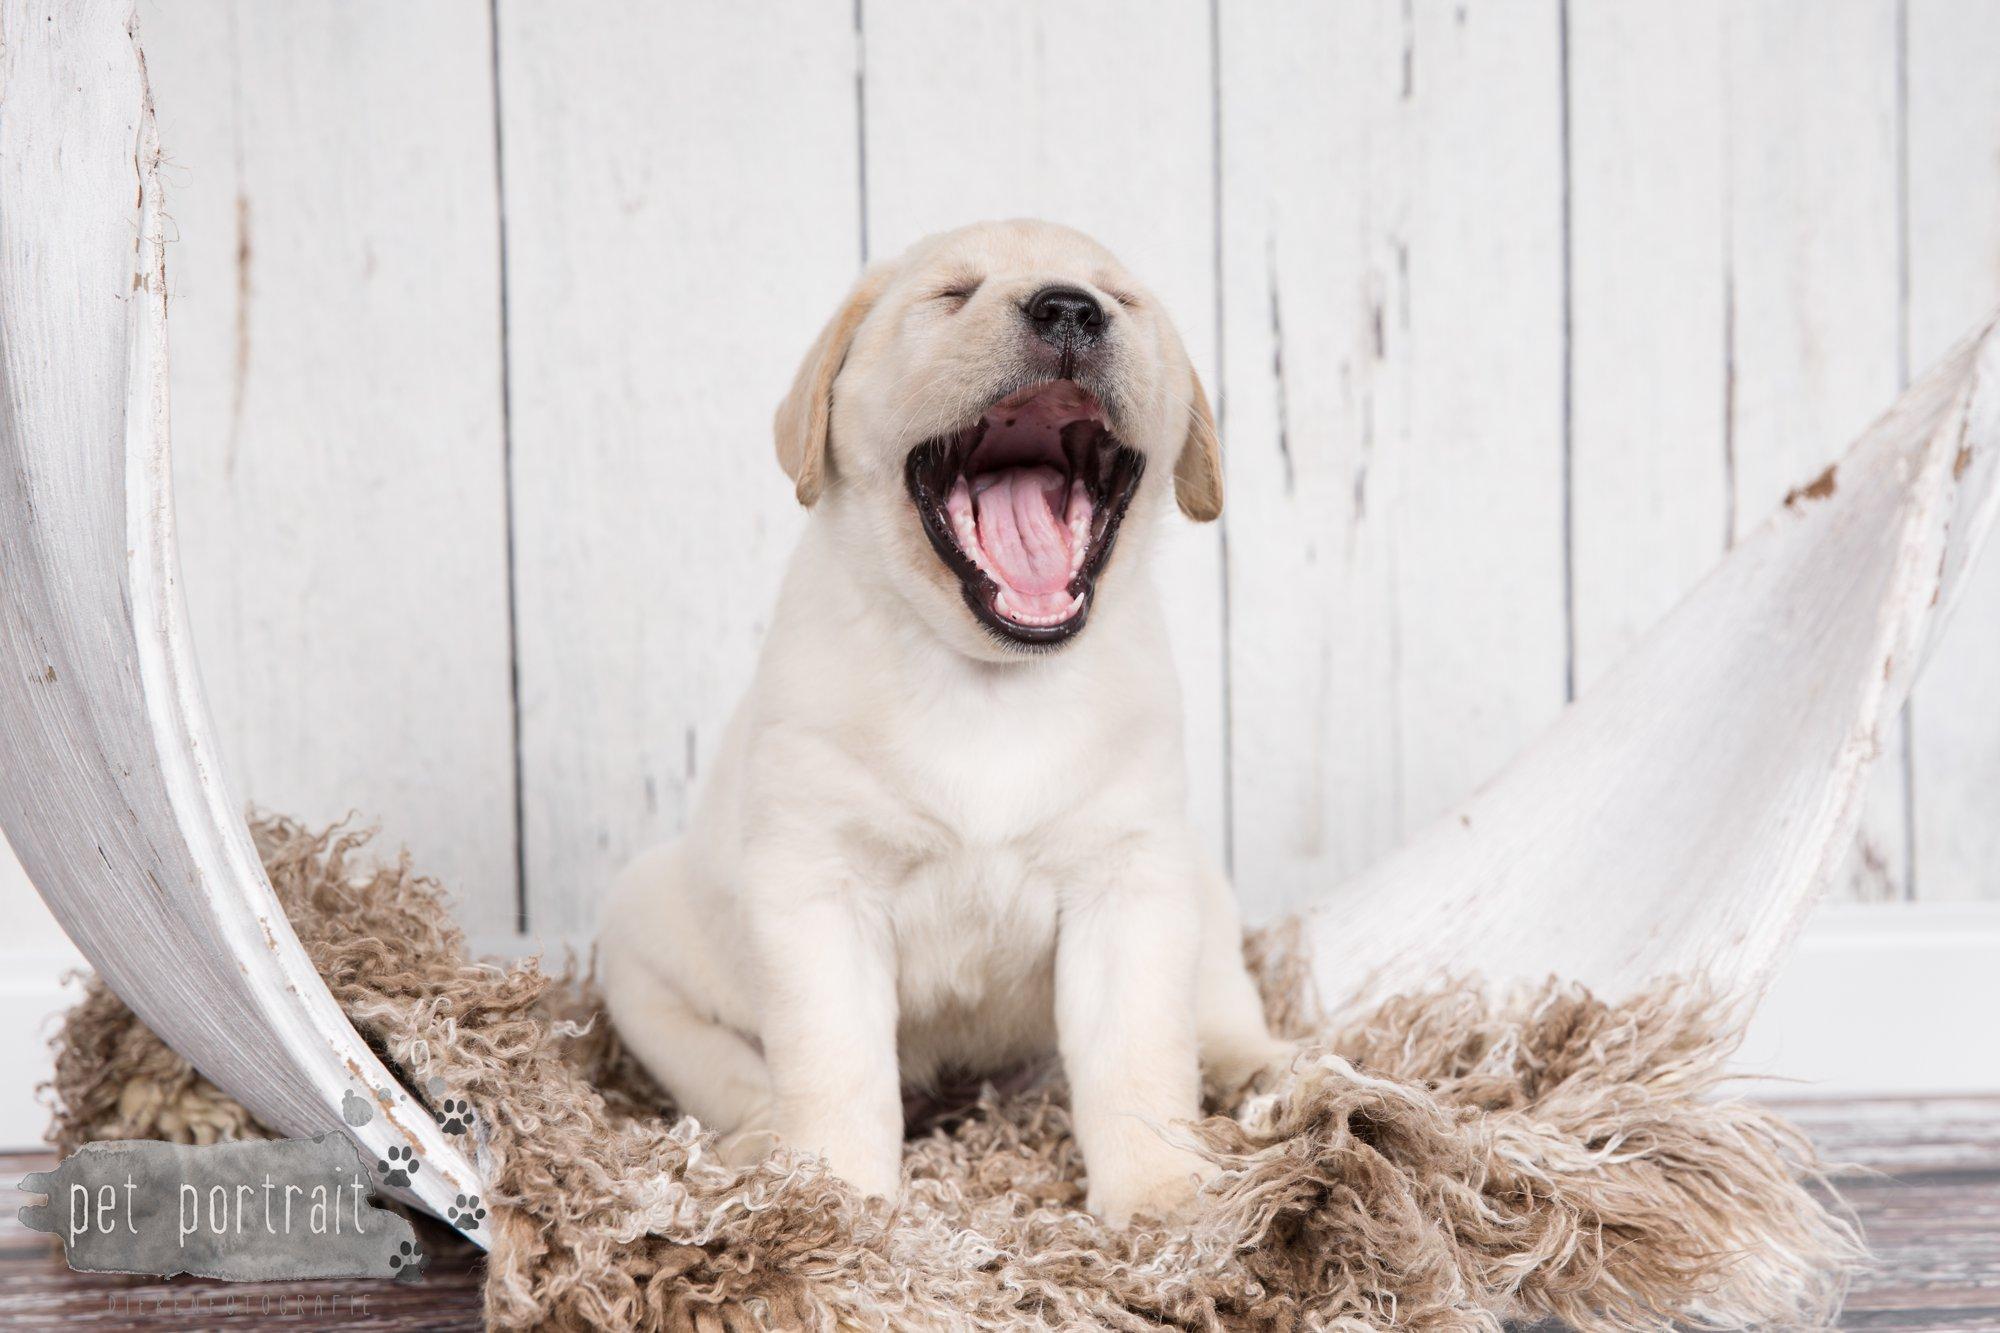 Hondenfotograaf Hillegom - Nestfotoshoot voor Labrador pups-29